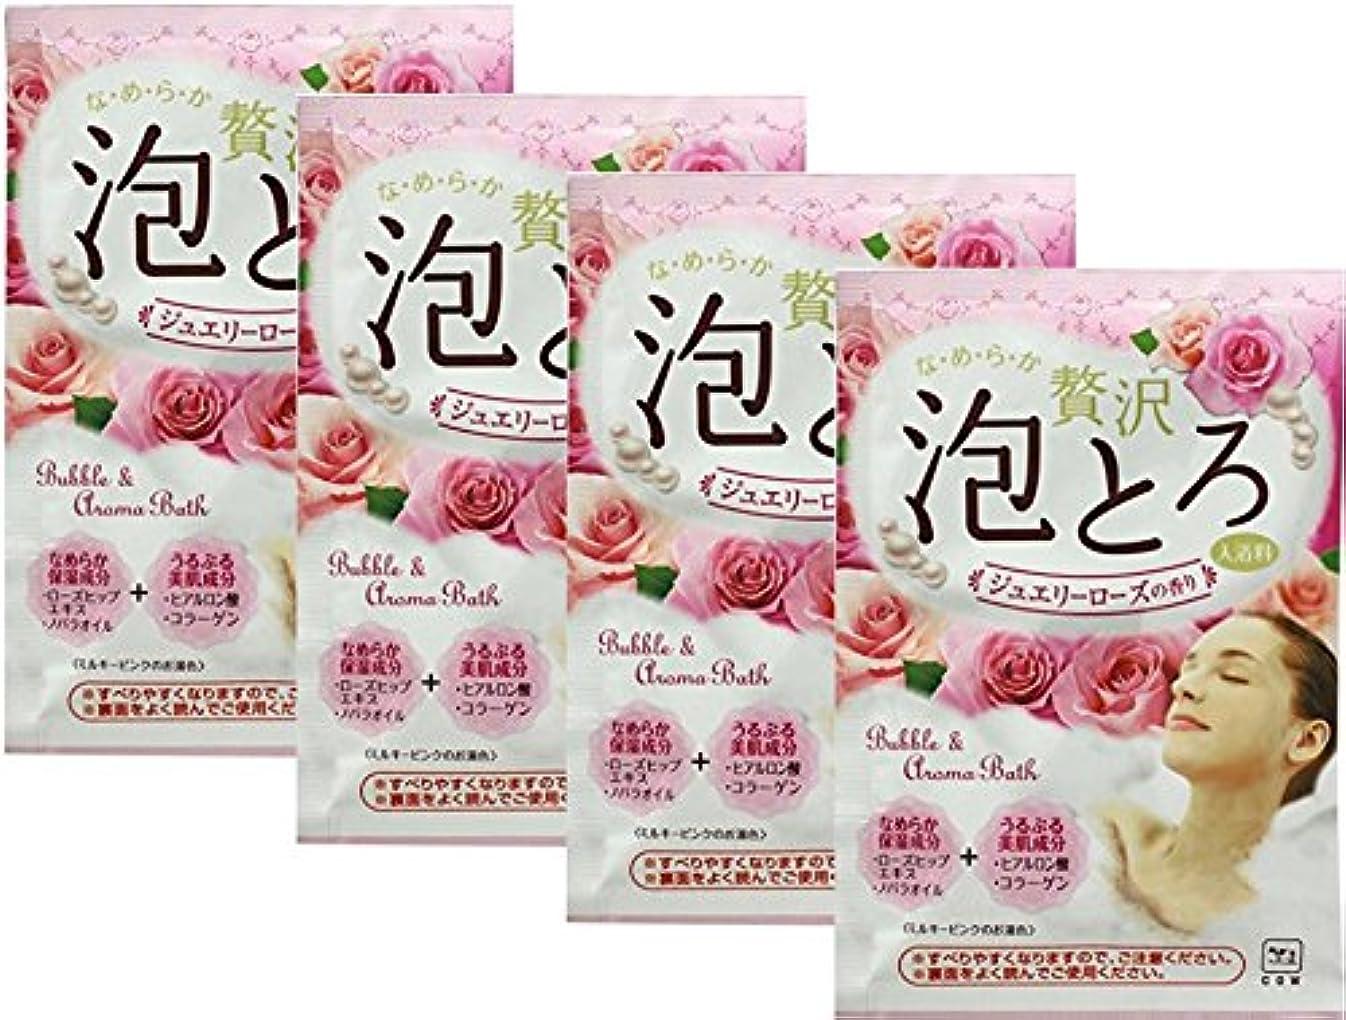 変換する定義野望牛乳石鹸共進社 贅沢泡とろ 入浴料 ジュエリーローズの香り 30g 【4点セット】